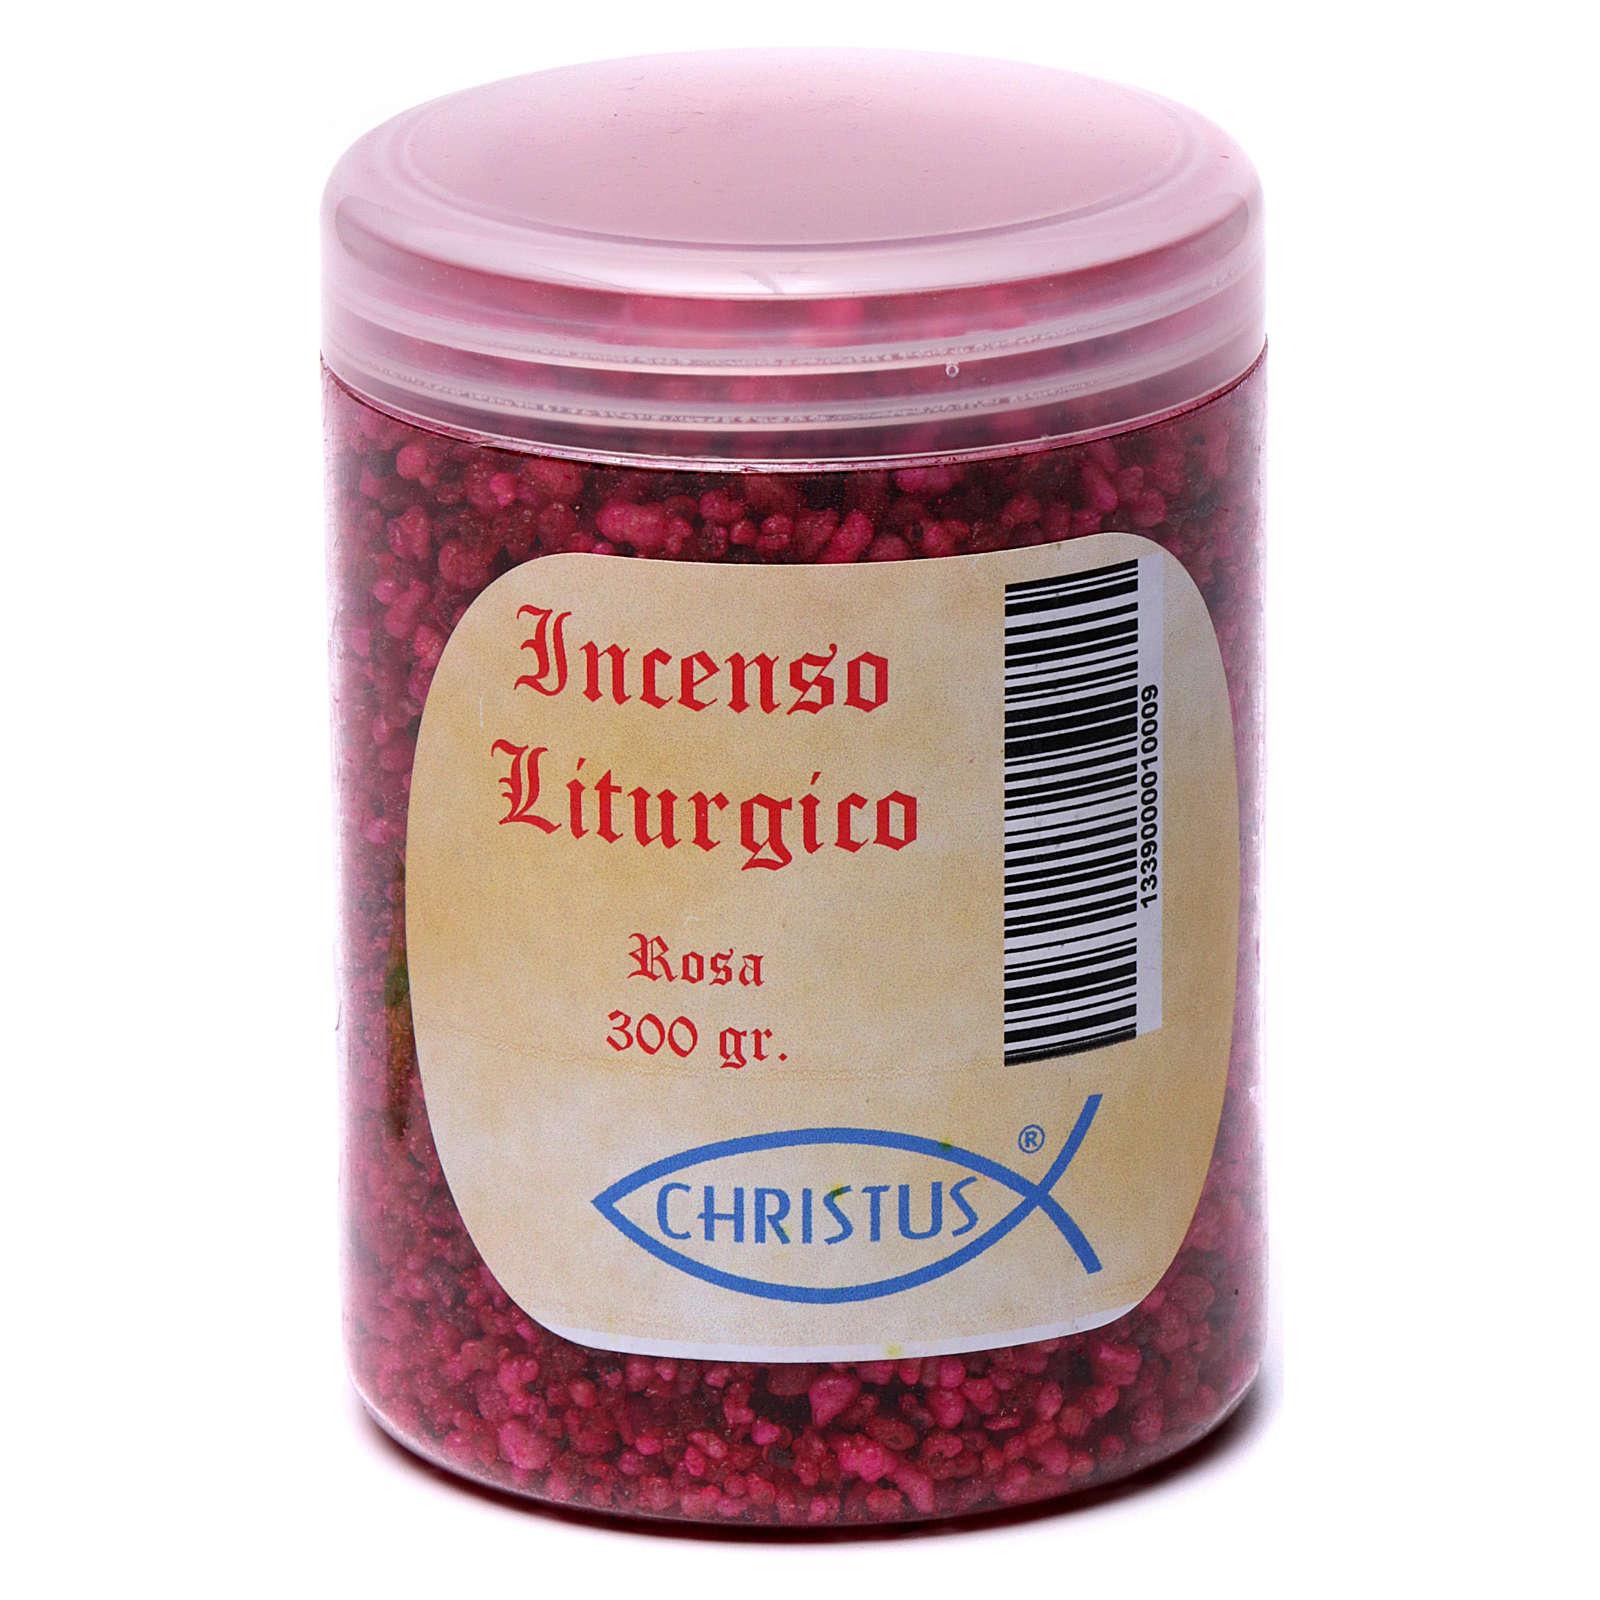 Liturgical incense Rose 300g 3